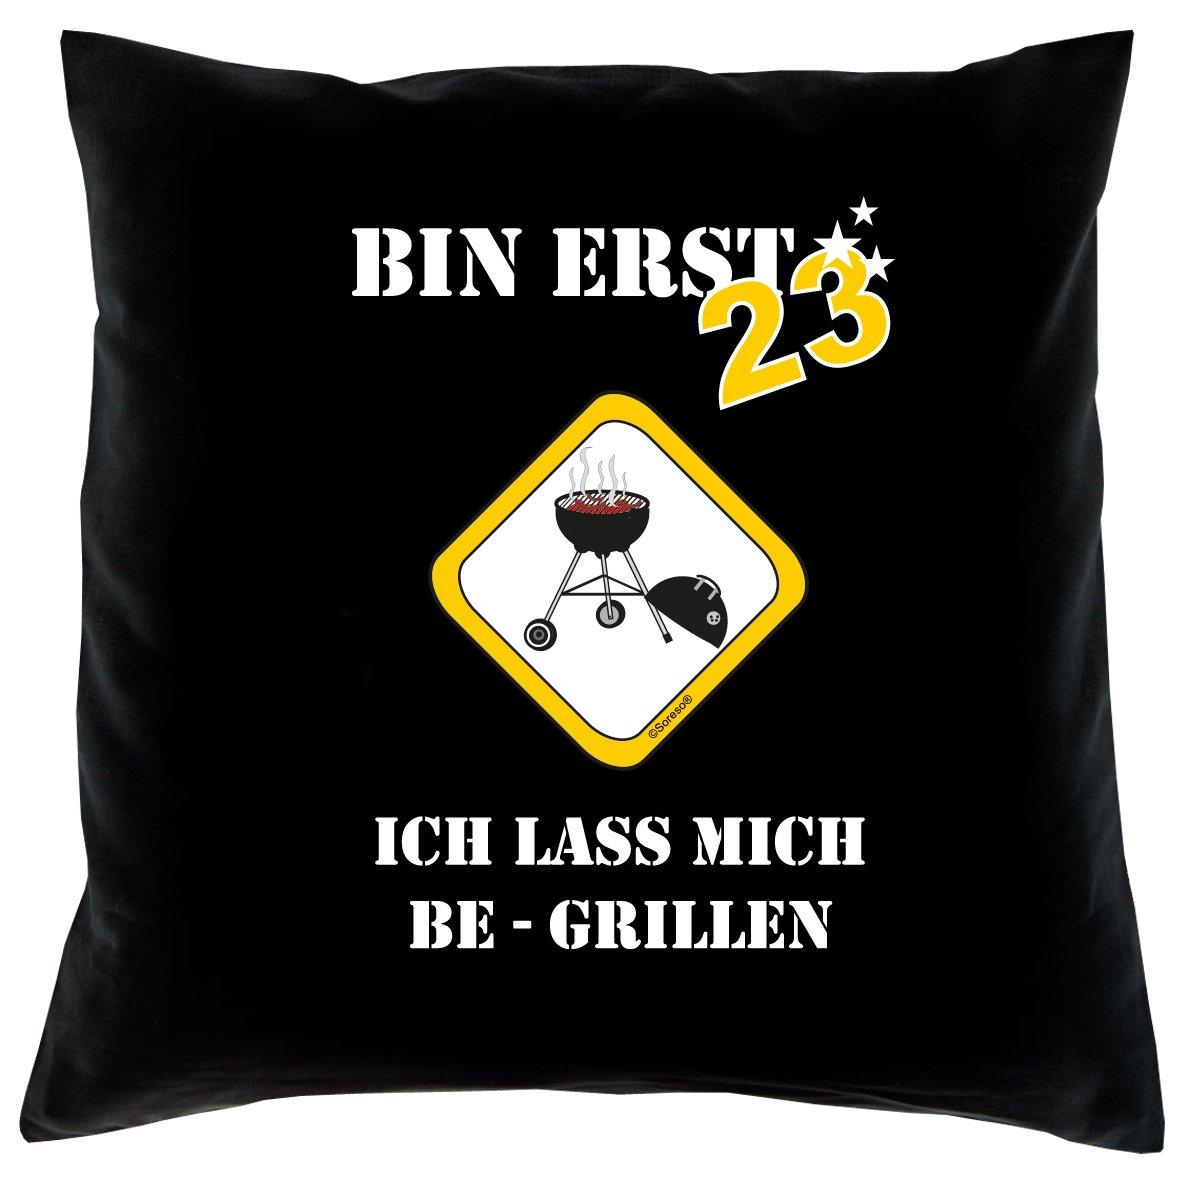 23. Geburtstag Kissen, Sitzkissen, Sofakissen, Dekokissen Bin erst 23! Farbe: Schwarz komplett mit Füllung 40x40cm Größe: 40x40cm